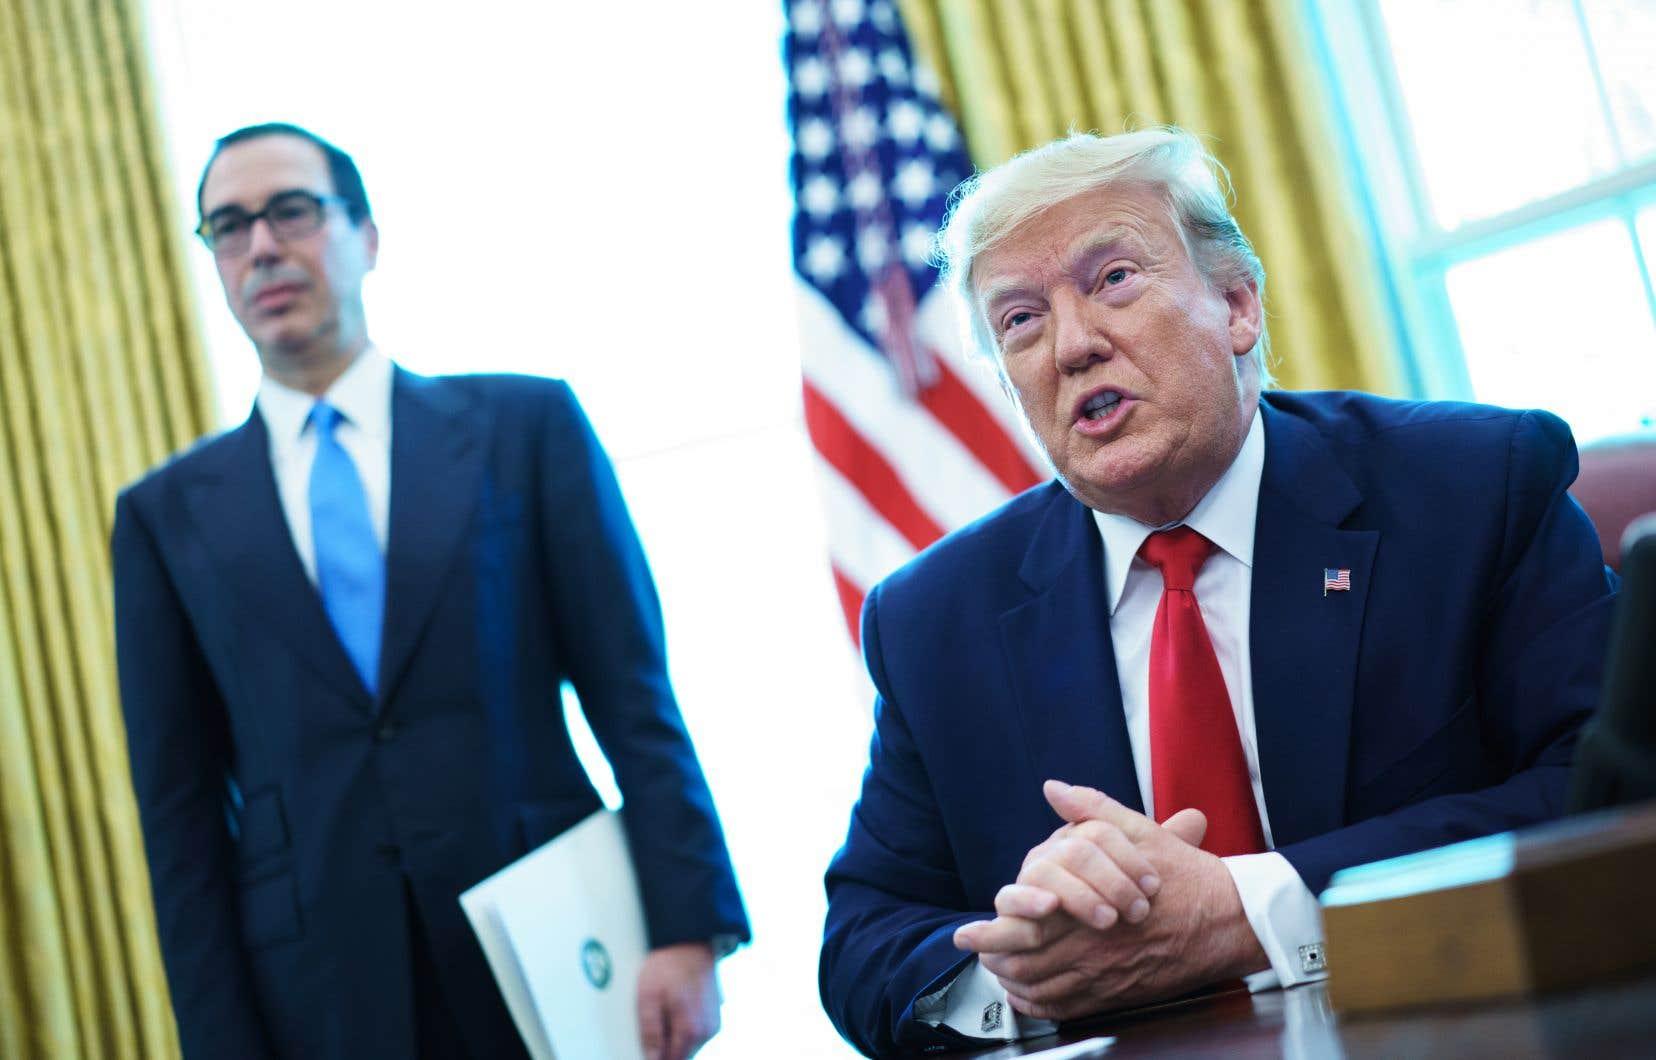 Le président américain, Donald Trump, a signé un décret exécutif imposant des sanctions contre les autorités de l'Iran dans le bureau ovale de la Maison-Blanche, lundi le 24 juin 2019.